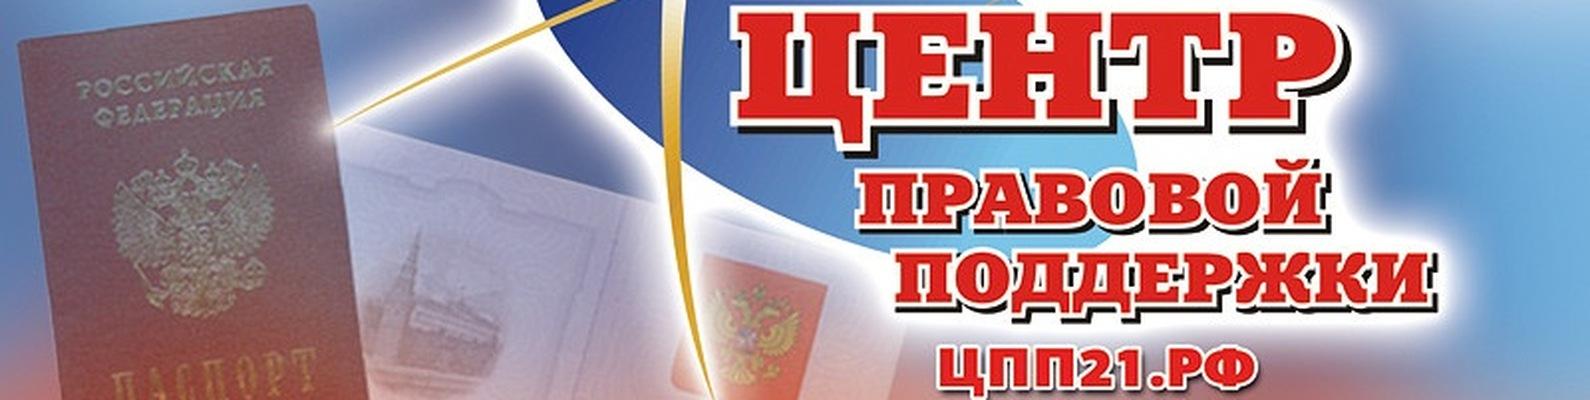 Сайт готовность загранпаспорта московская область